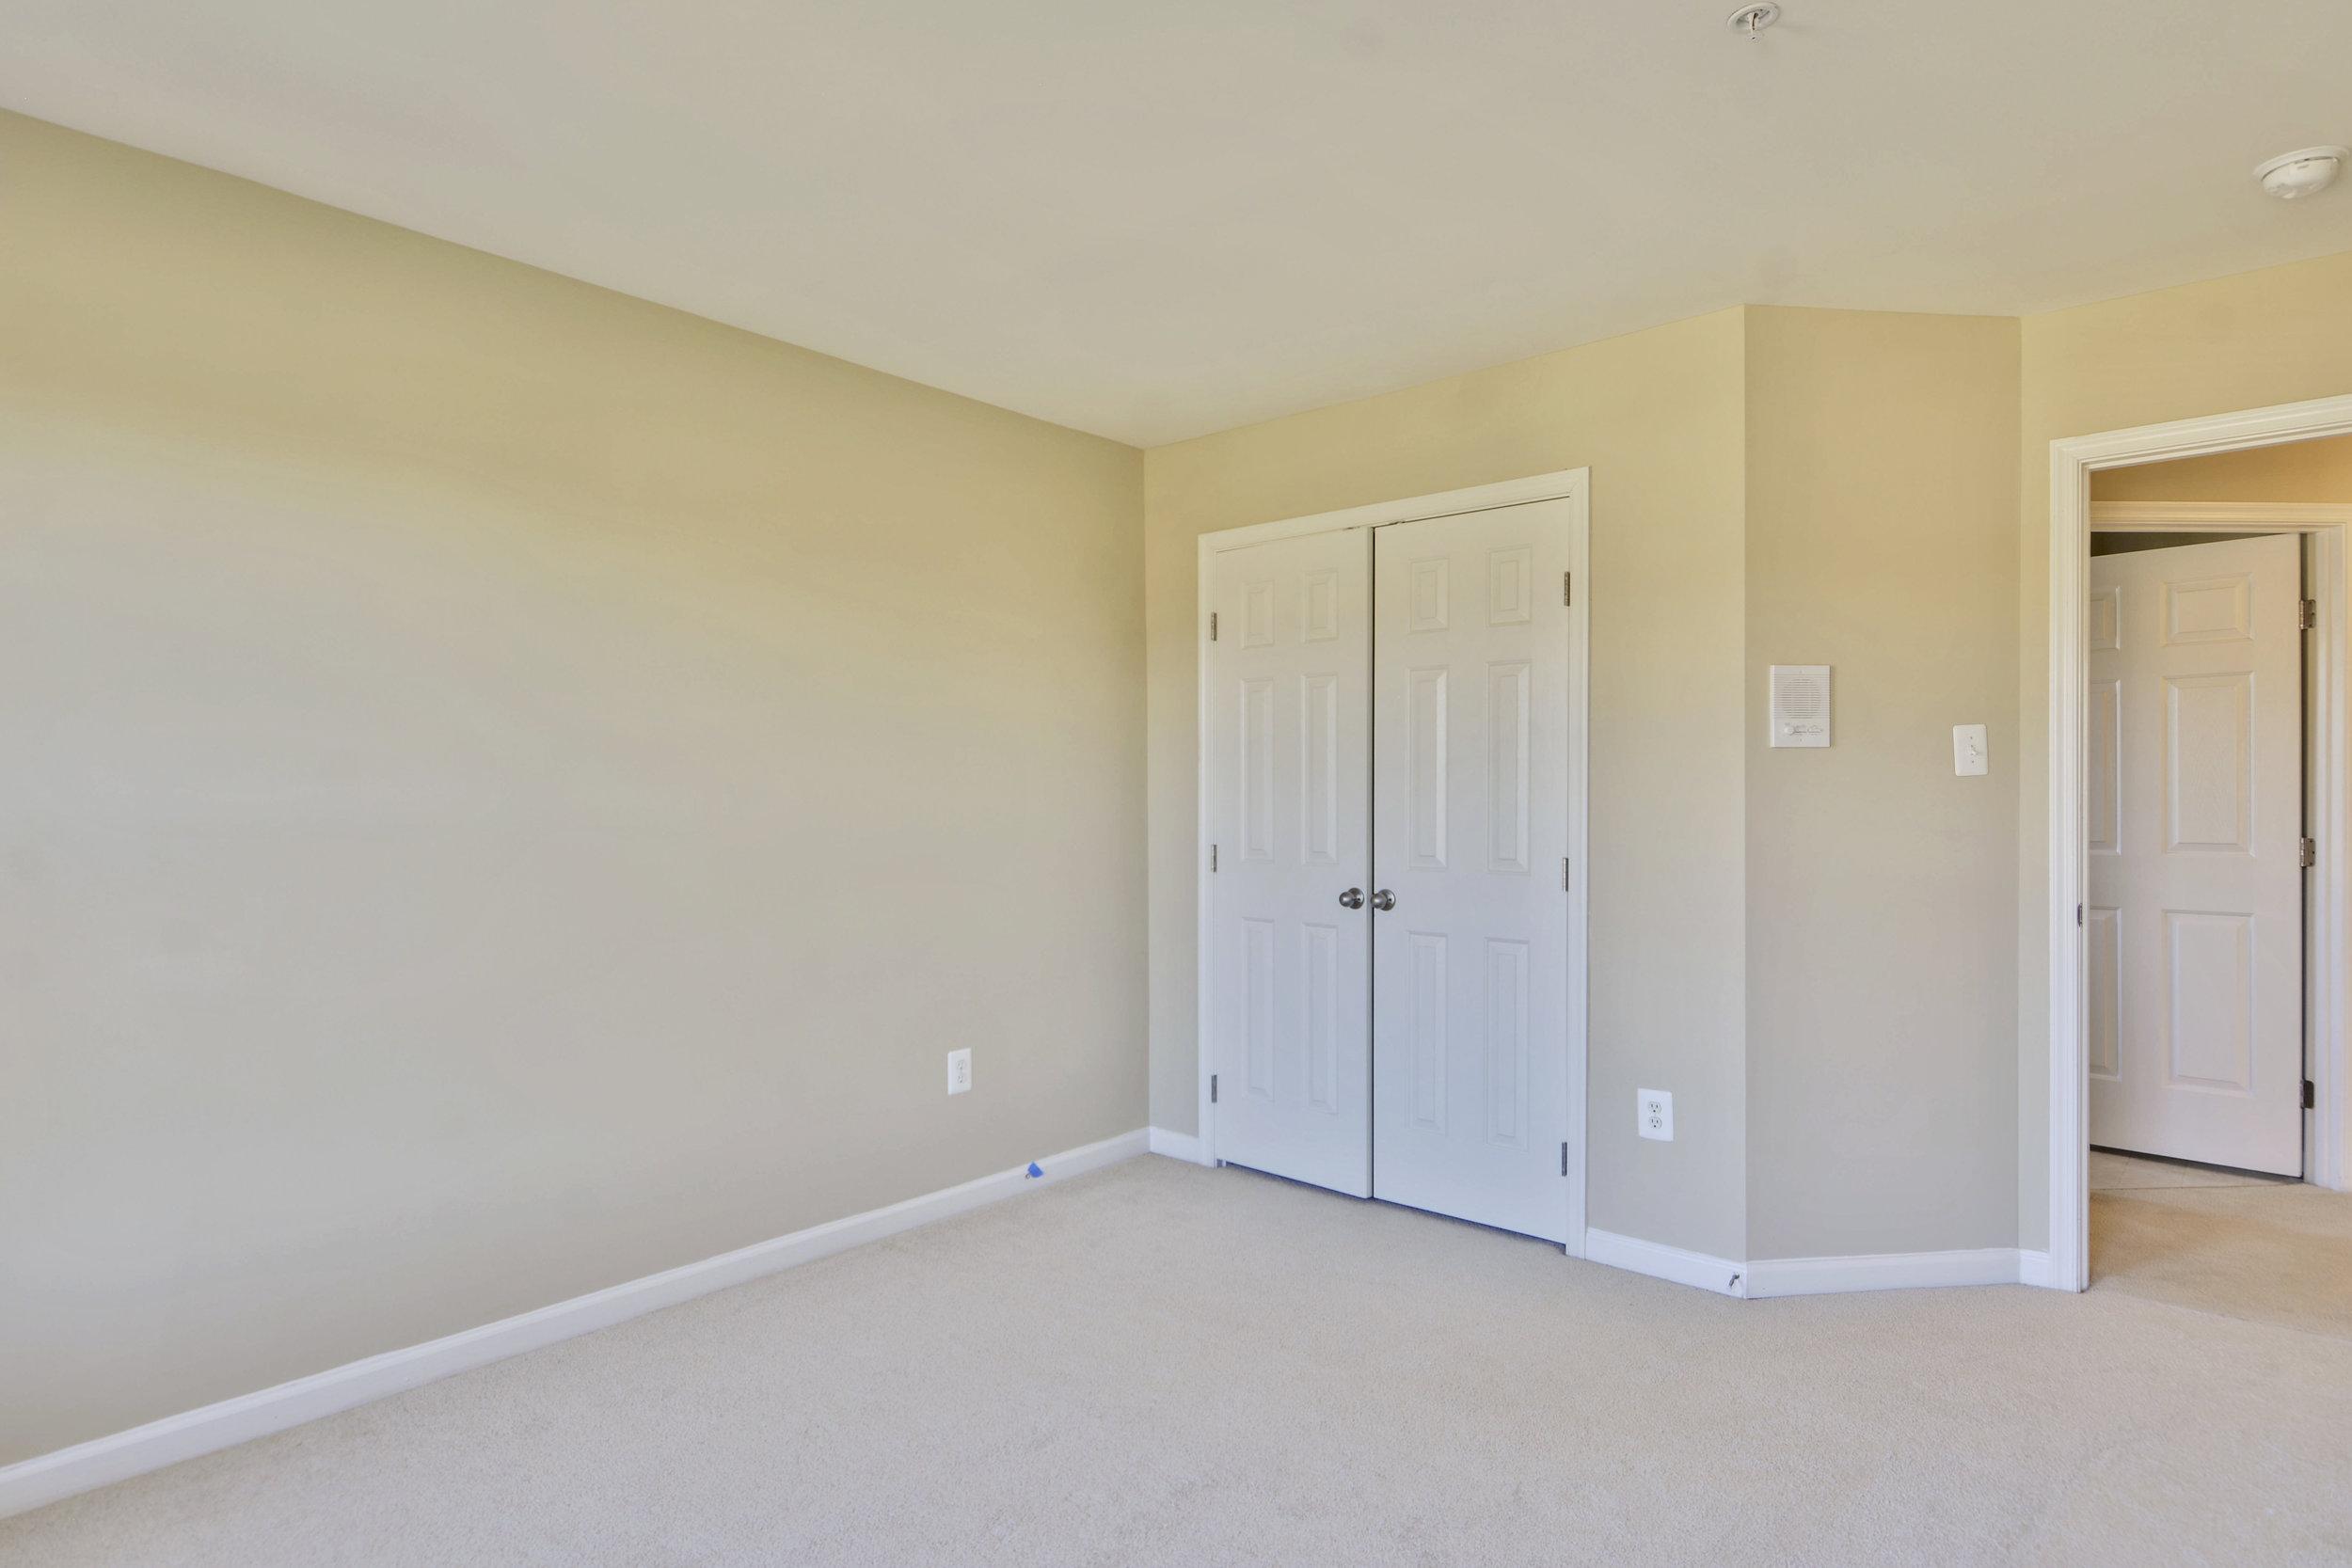 Upper Level-Bedroom-_DSC3297.JPG